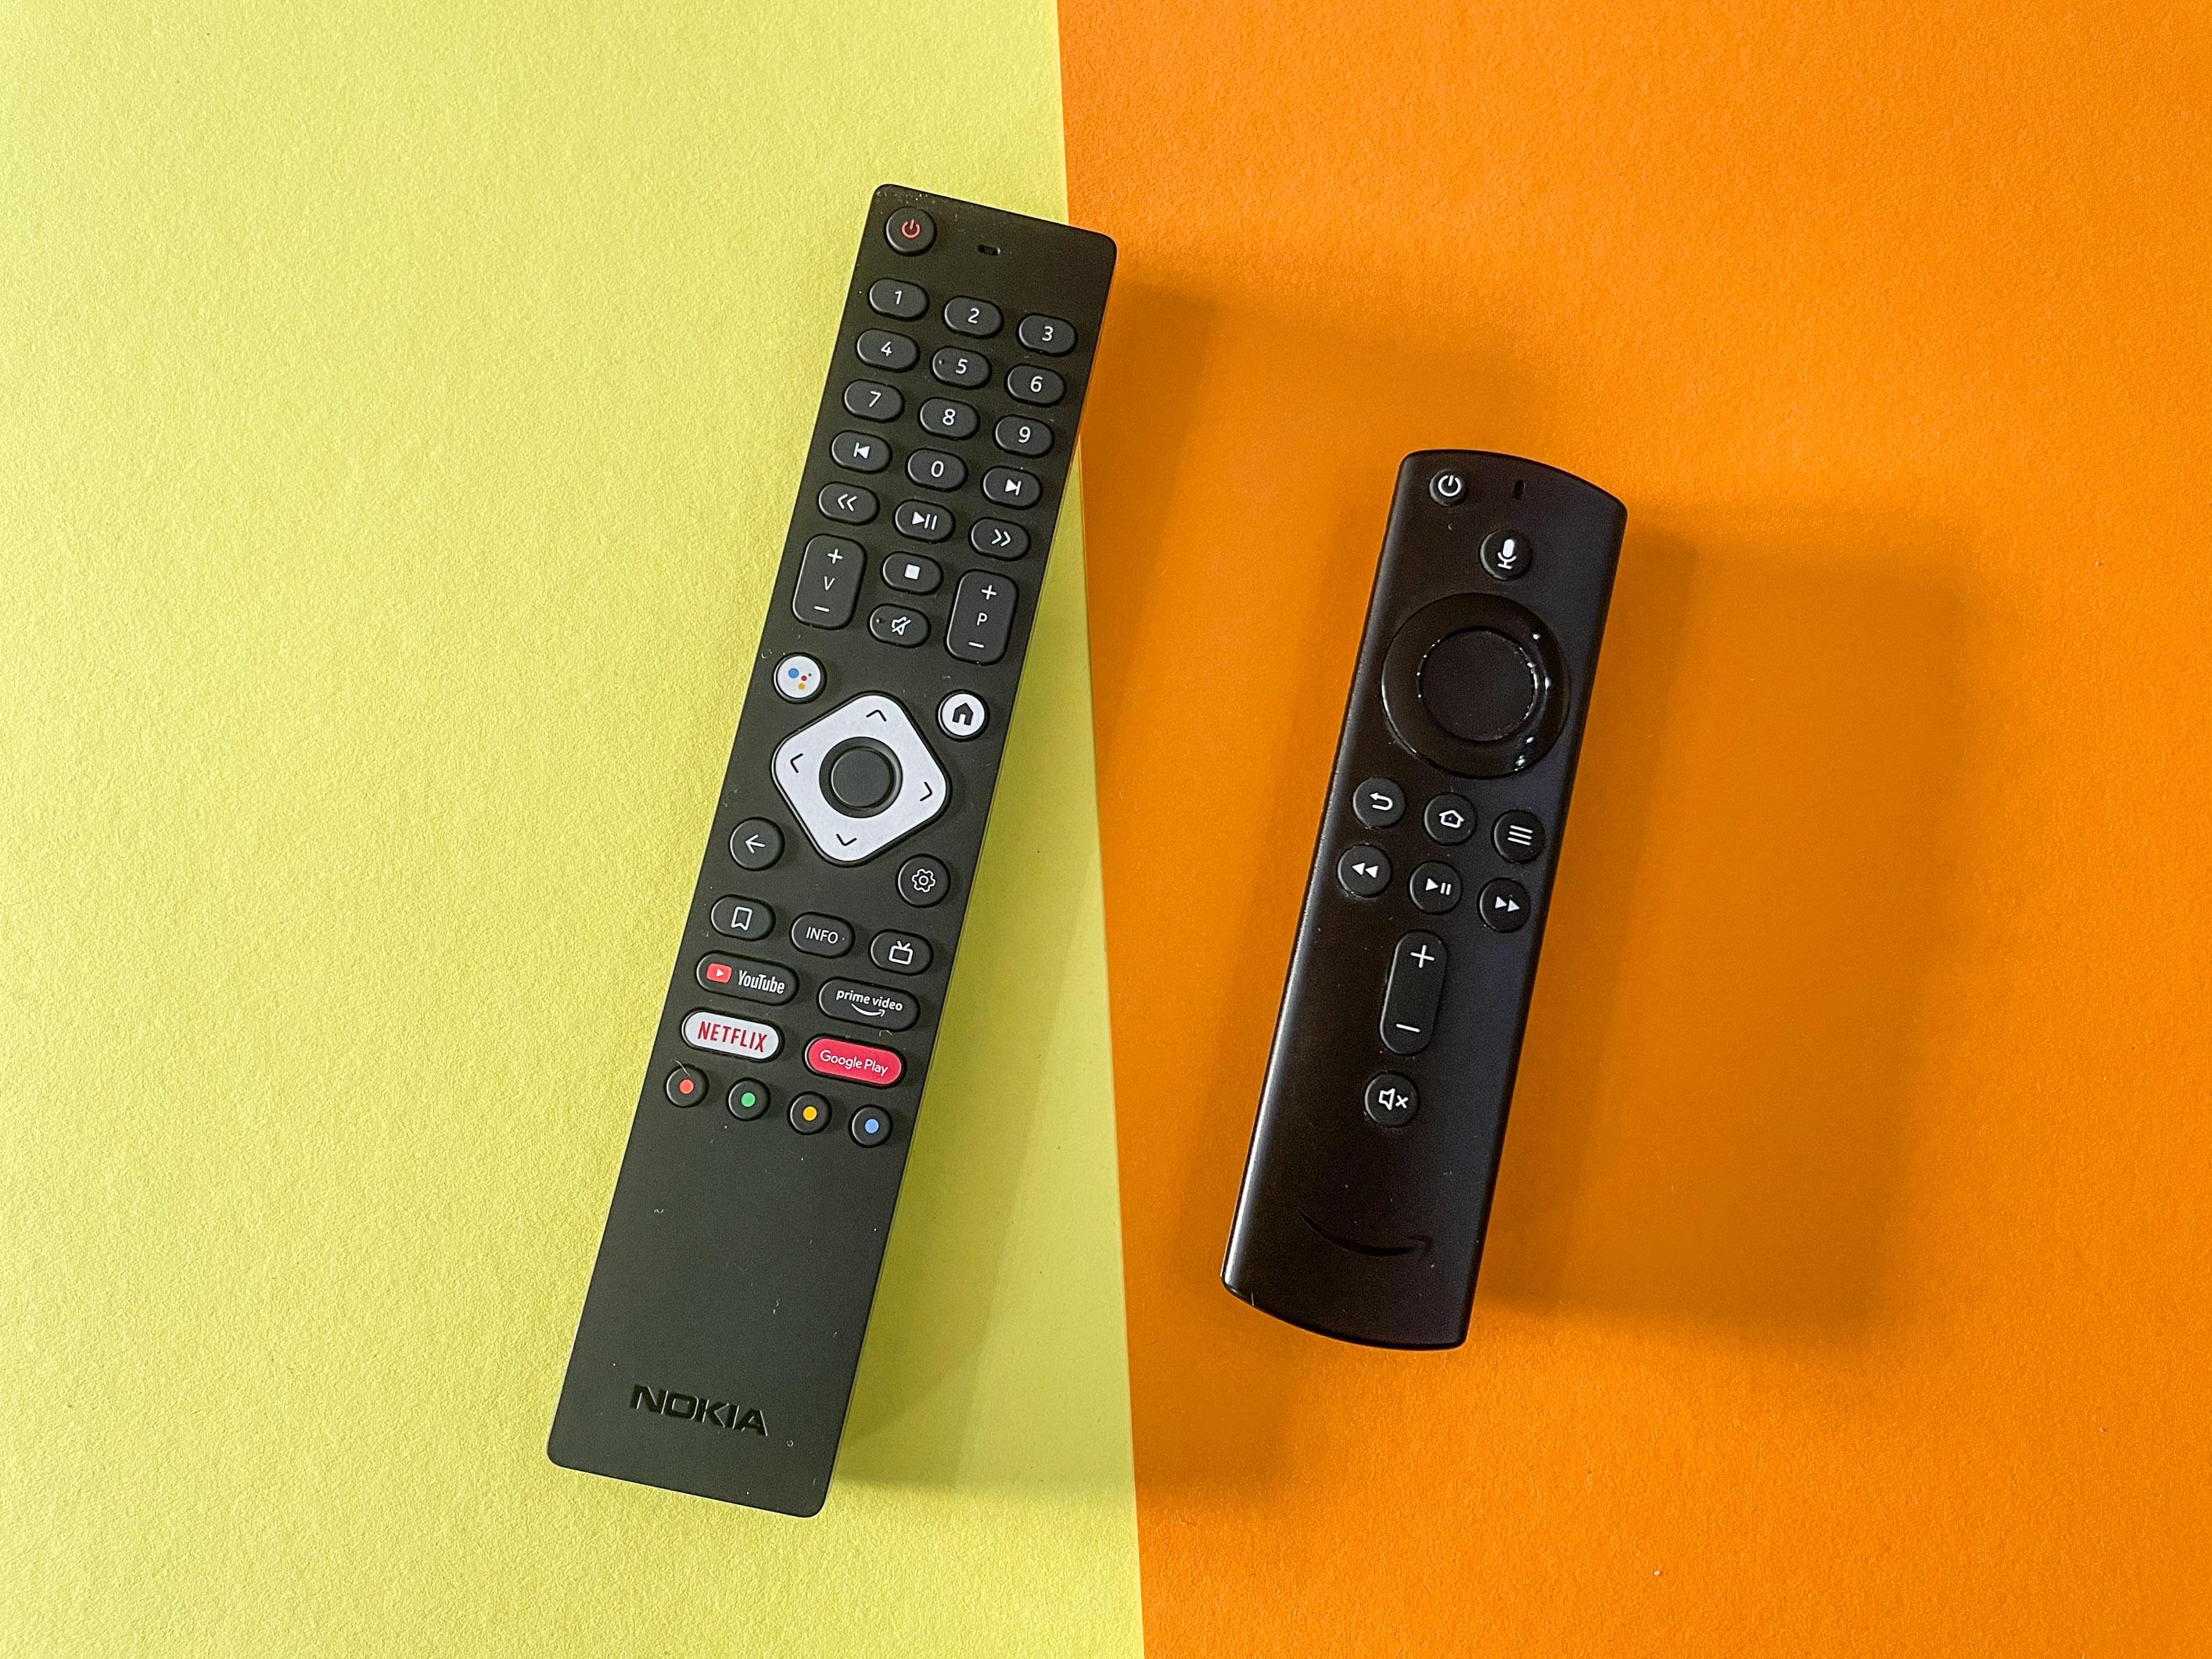 Android-TV-Geräte im Vergleichstest: Nokia-Box begeistert, Xiaomi-Stick enttäuscht - Links die Fernbedienung der Streaming Box 8000, rechts daneben die Fernbedienung des Fire TV Cube (Bild: Ingo Pakalski/Golem.de)